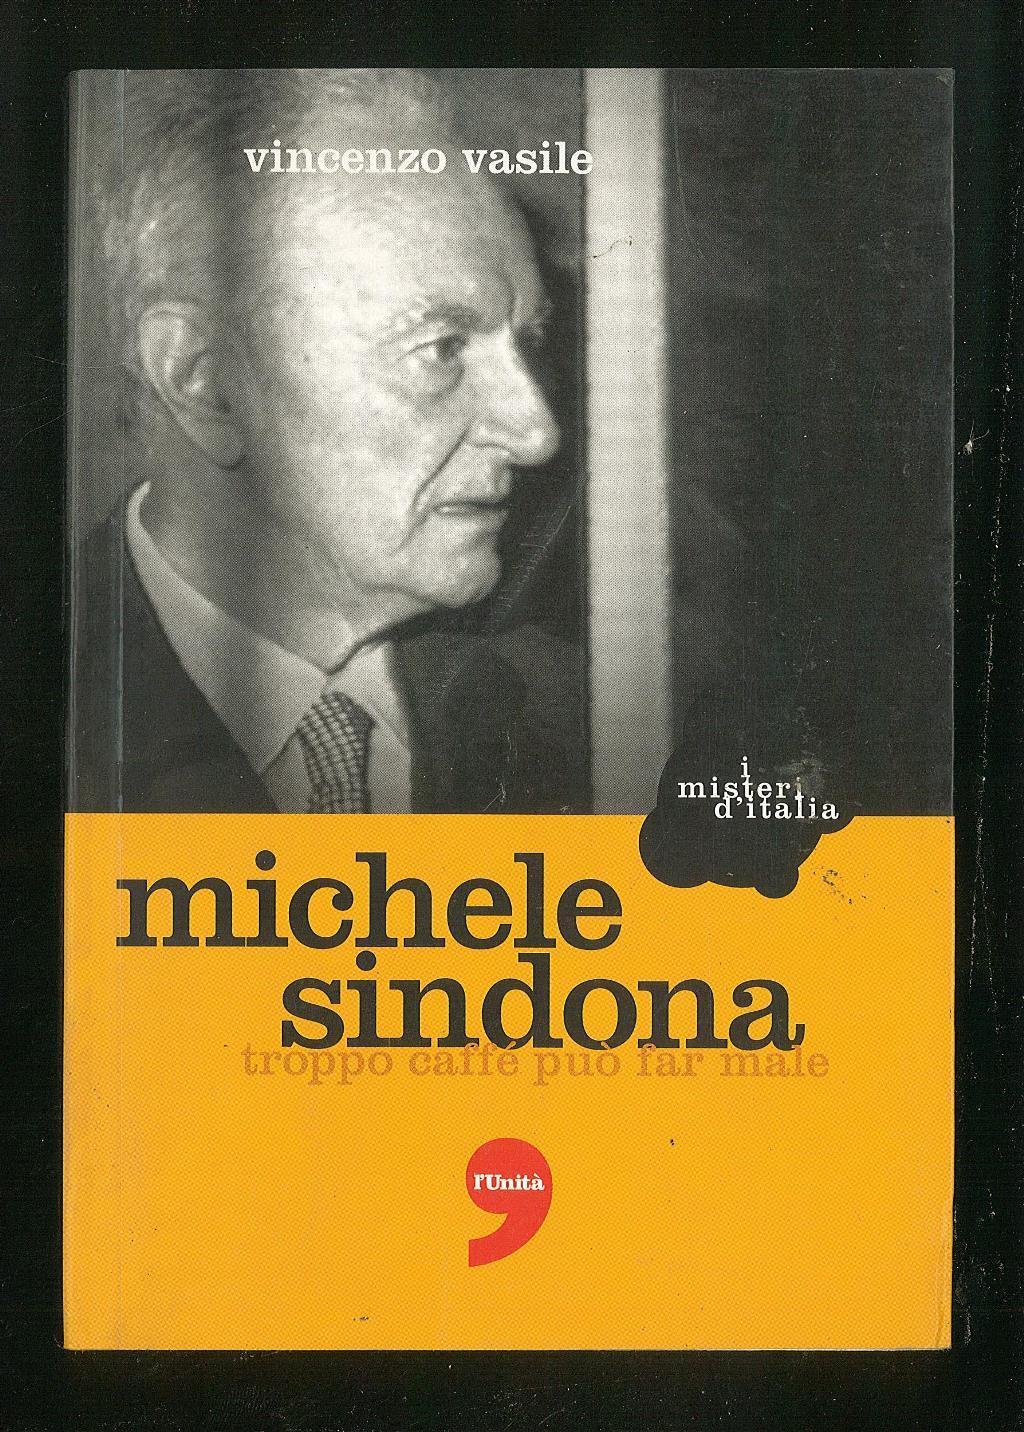 Michele Sindona - Troppo caffé può far male by Vasile Vincenzo ...